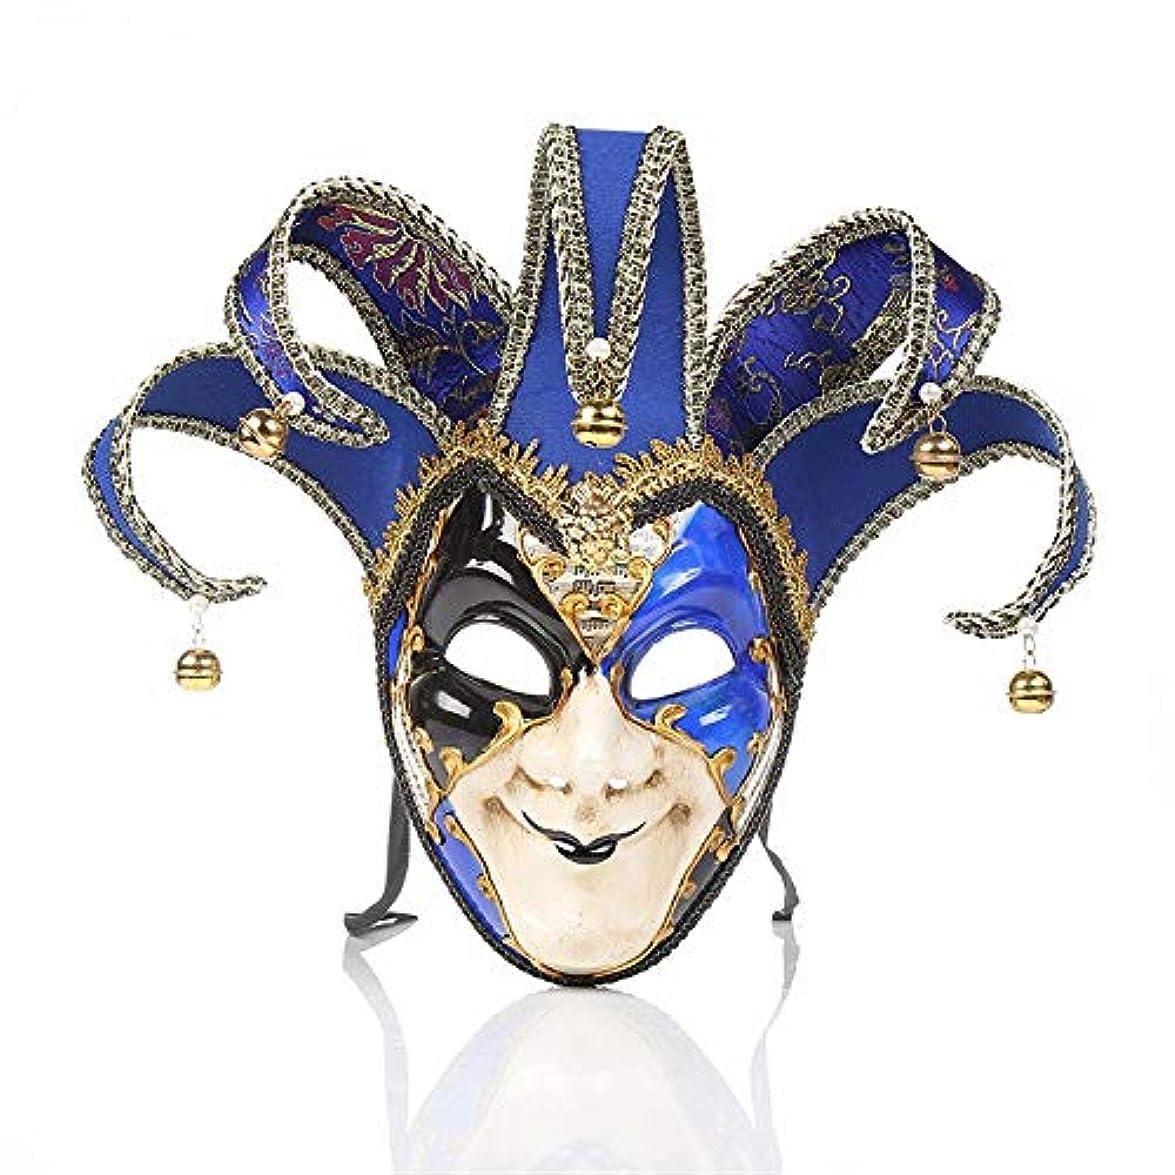 素子グレートバリアリーフ所属ダンスマスク ピエロマスクハロウィーンパフォーマンスパフォーマンス仮面舞踏会雰囲気用品祭りロールプレイングプラスチックマスク ホリデーパーティー用品 (色 : 青, サイズ : 39x33cm)